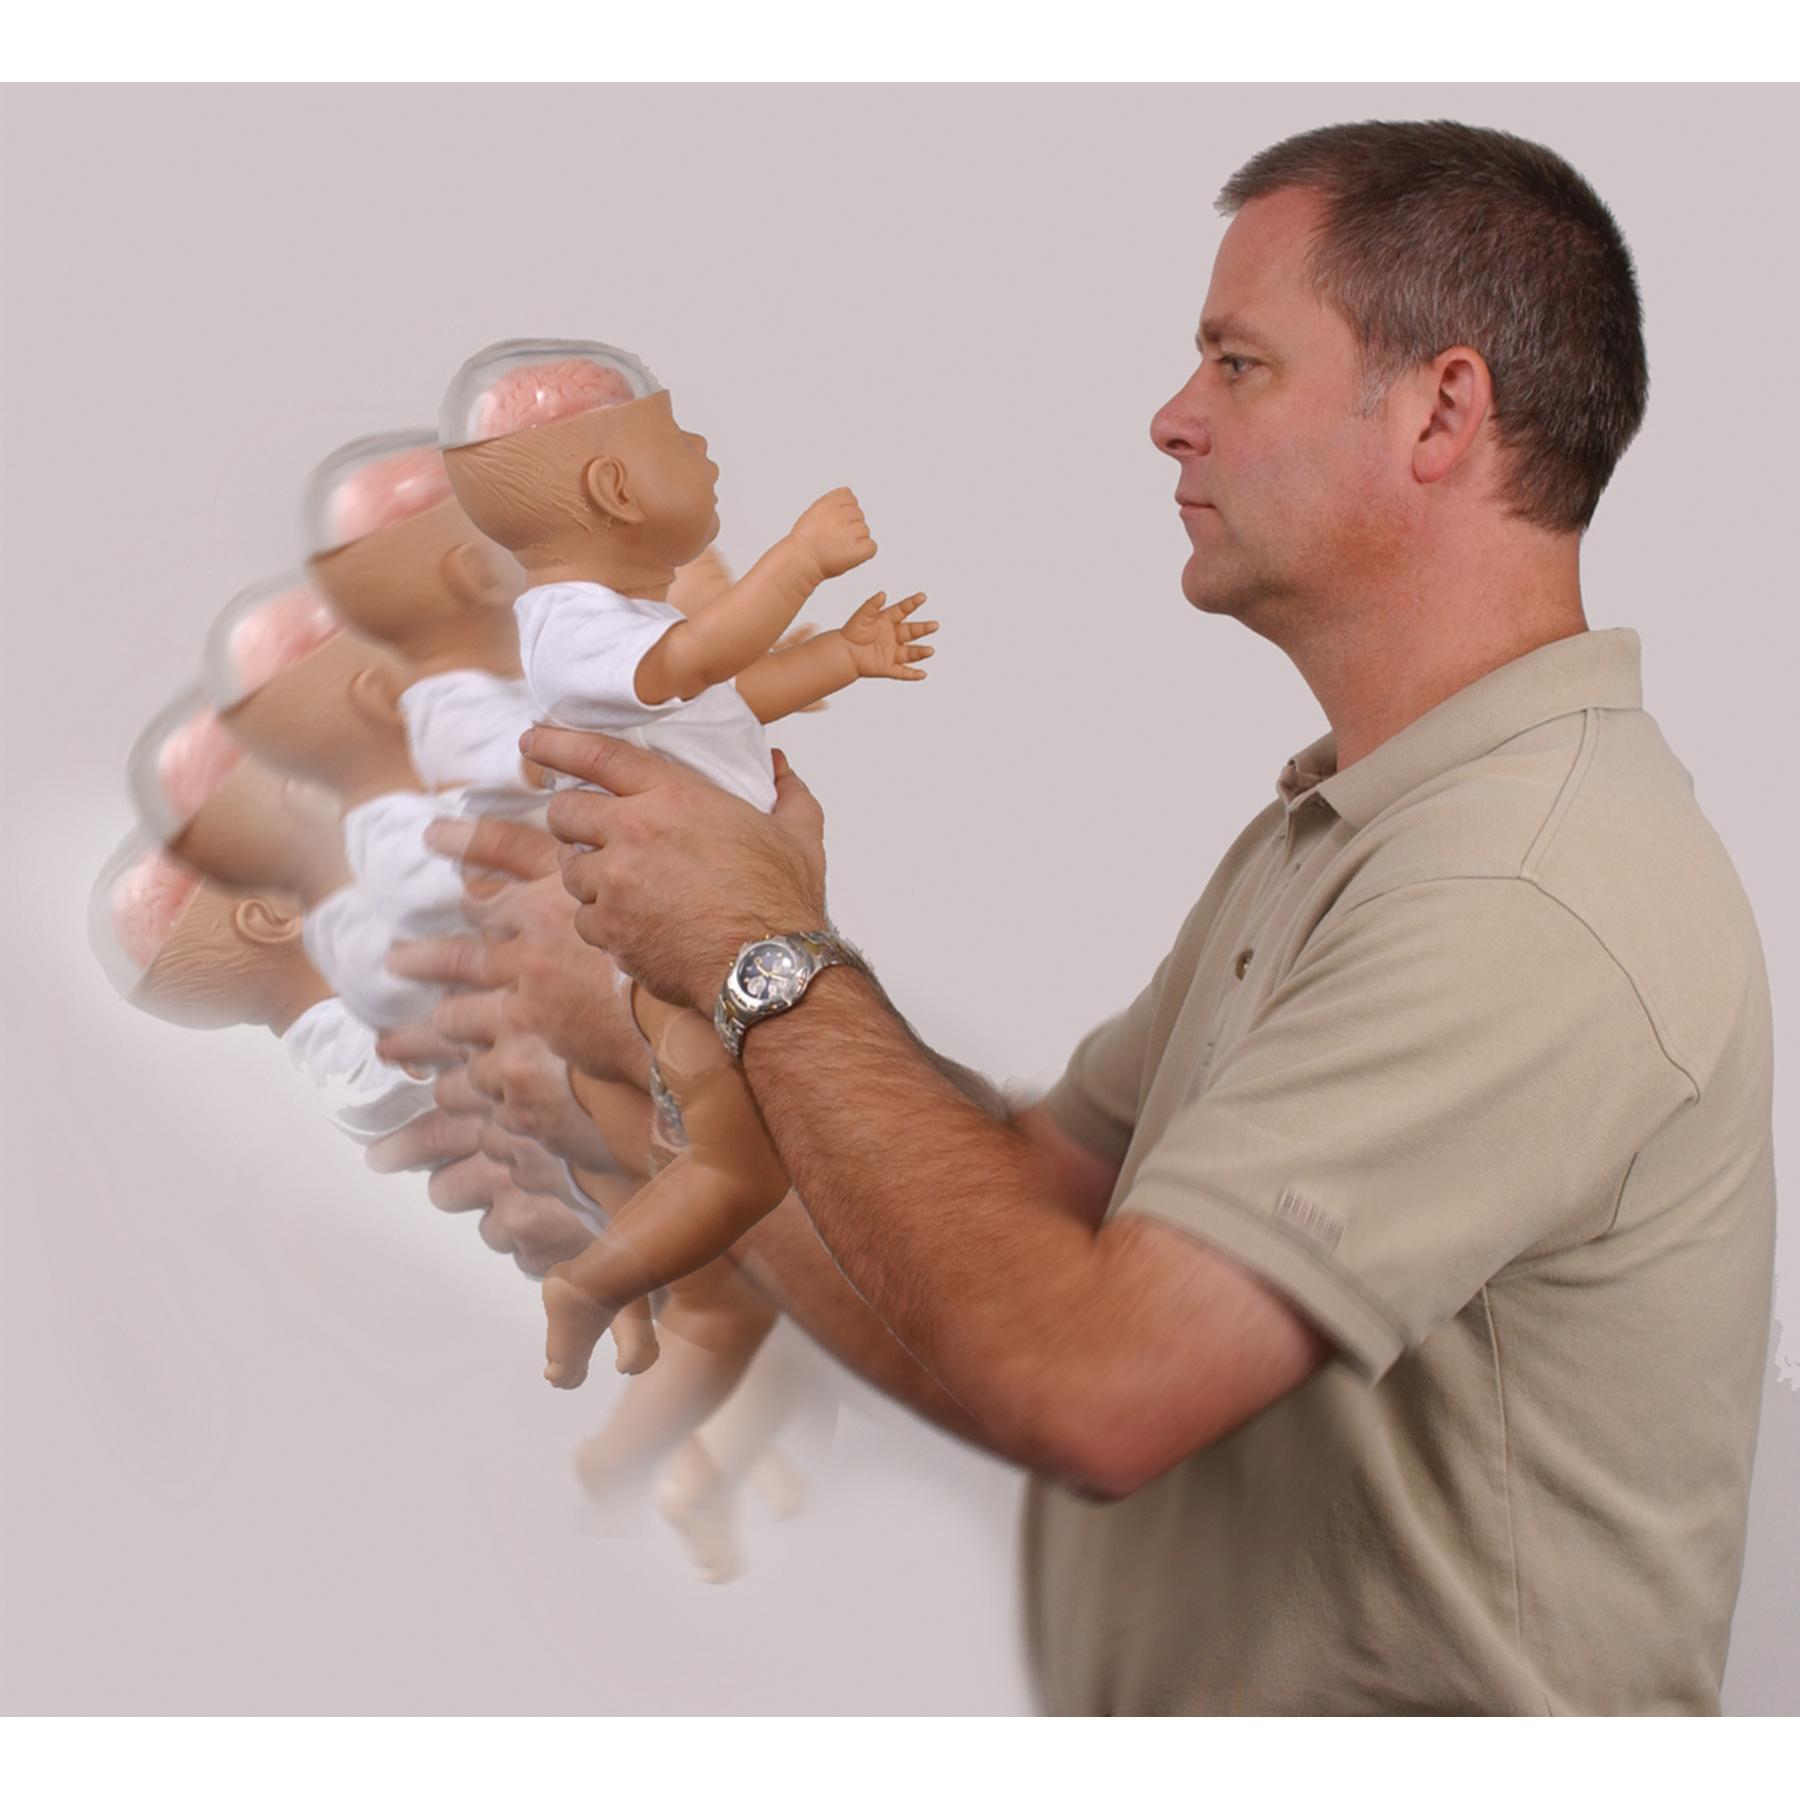 hz - أضرار هز الرضيع